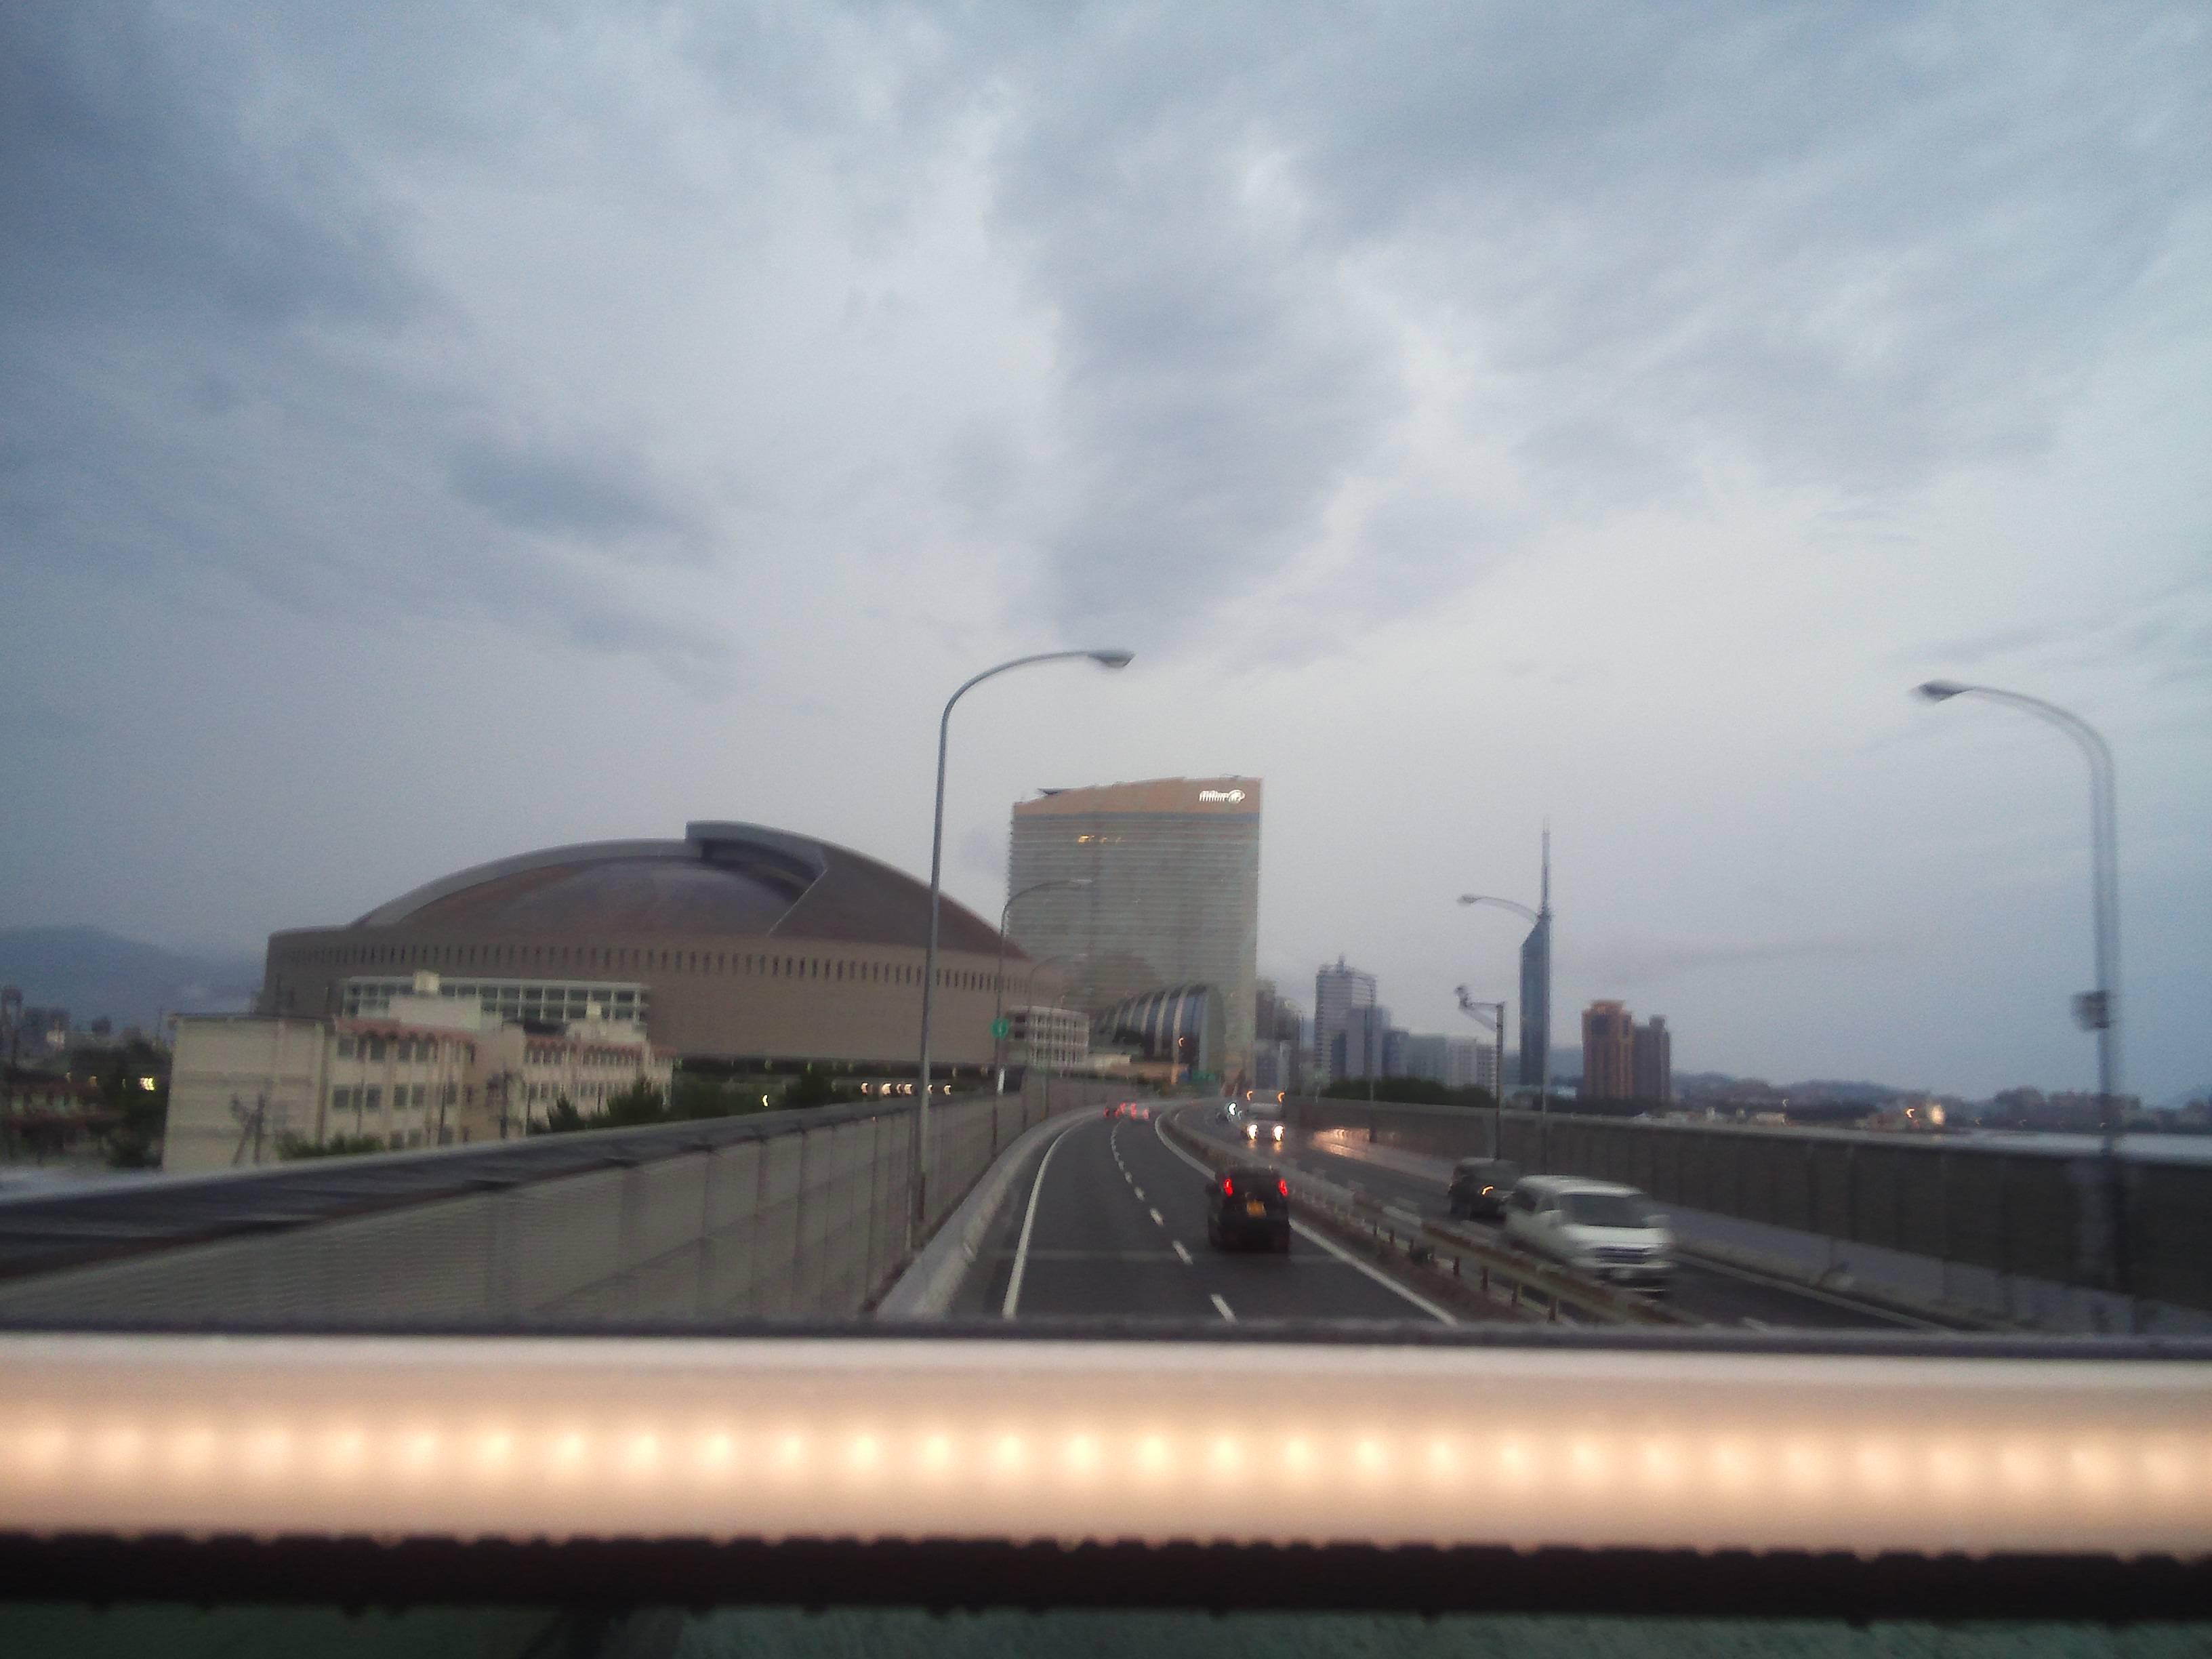 福岡ヤフオクドームと福岡タワー